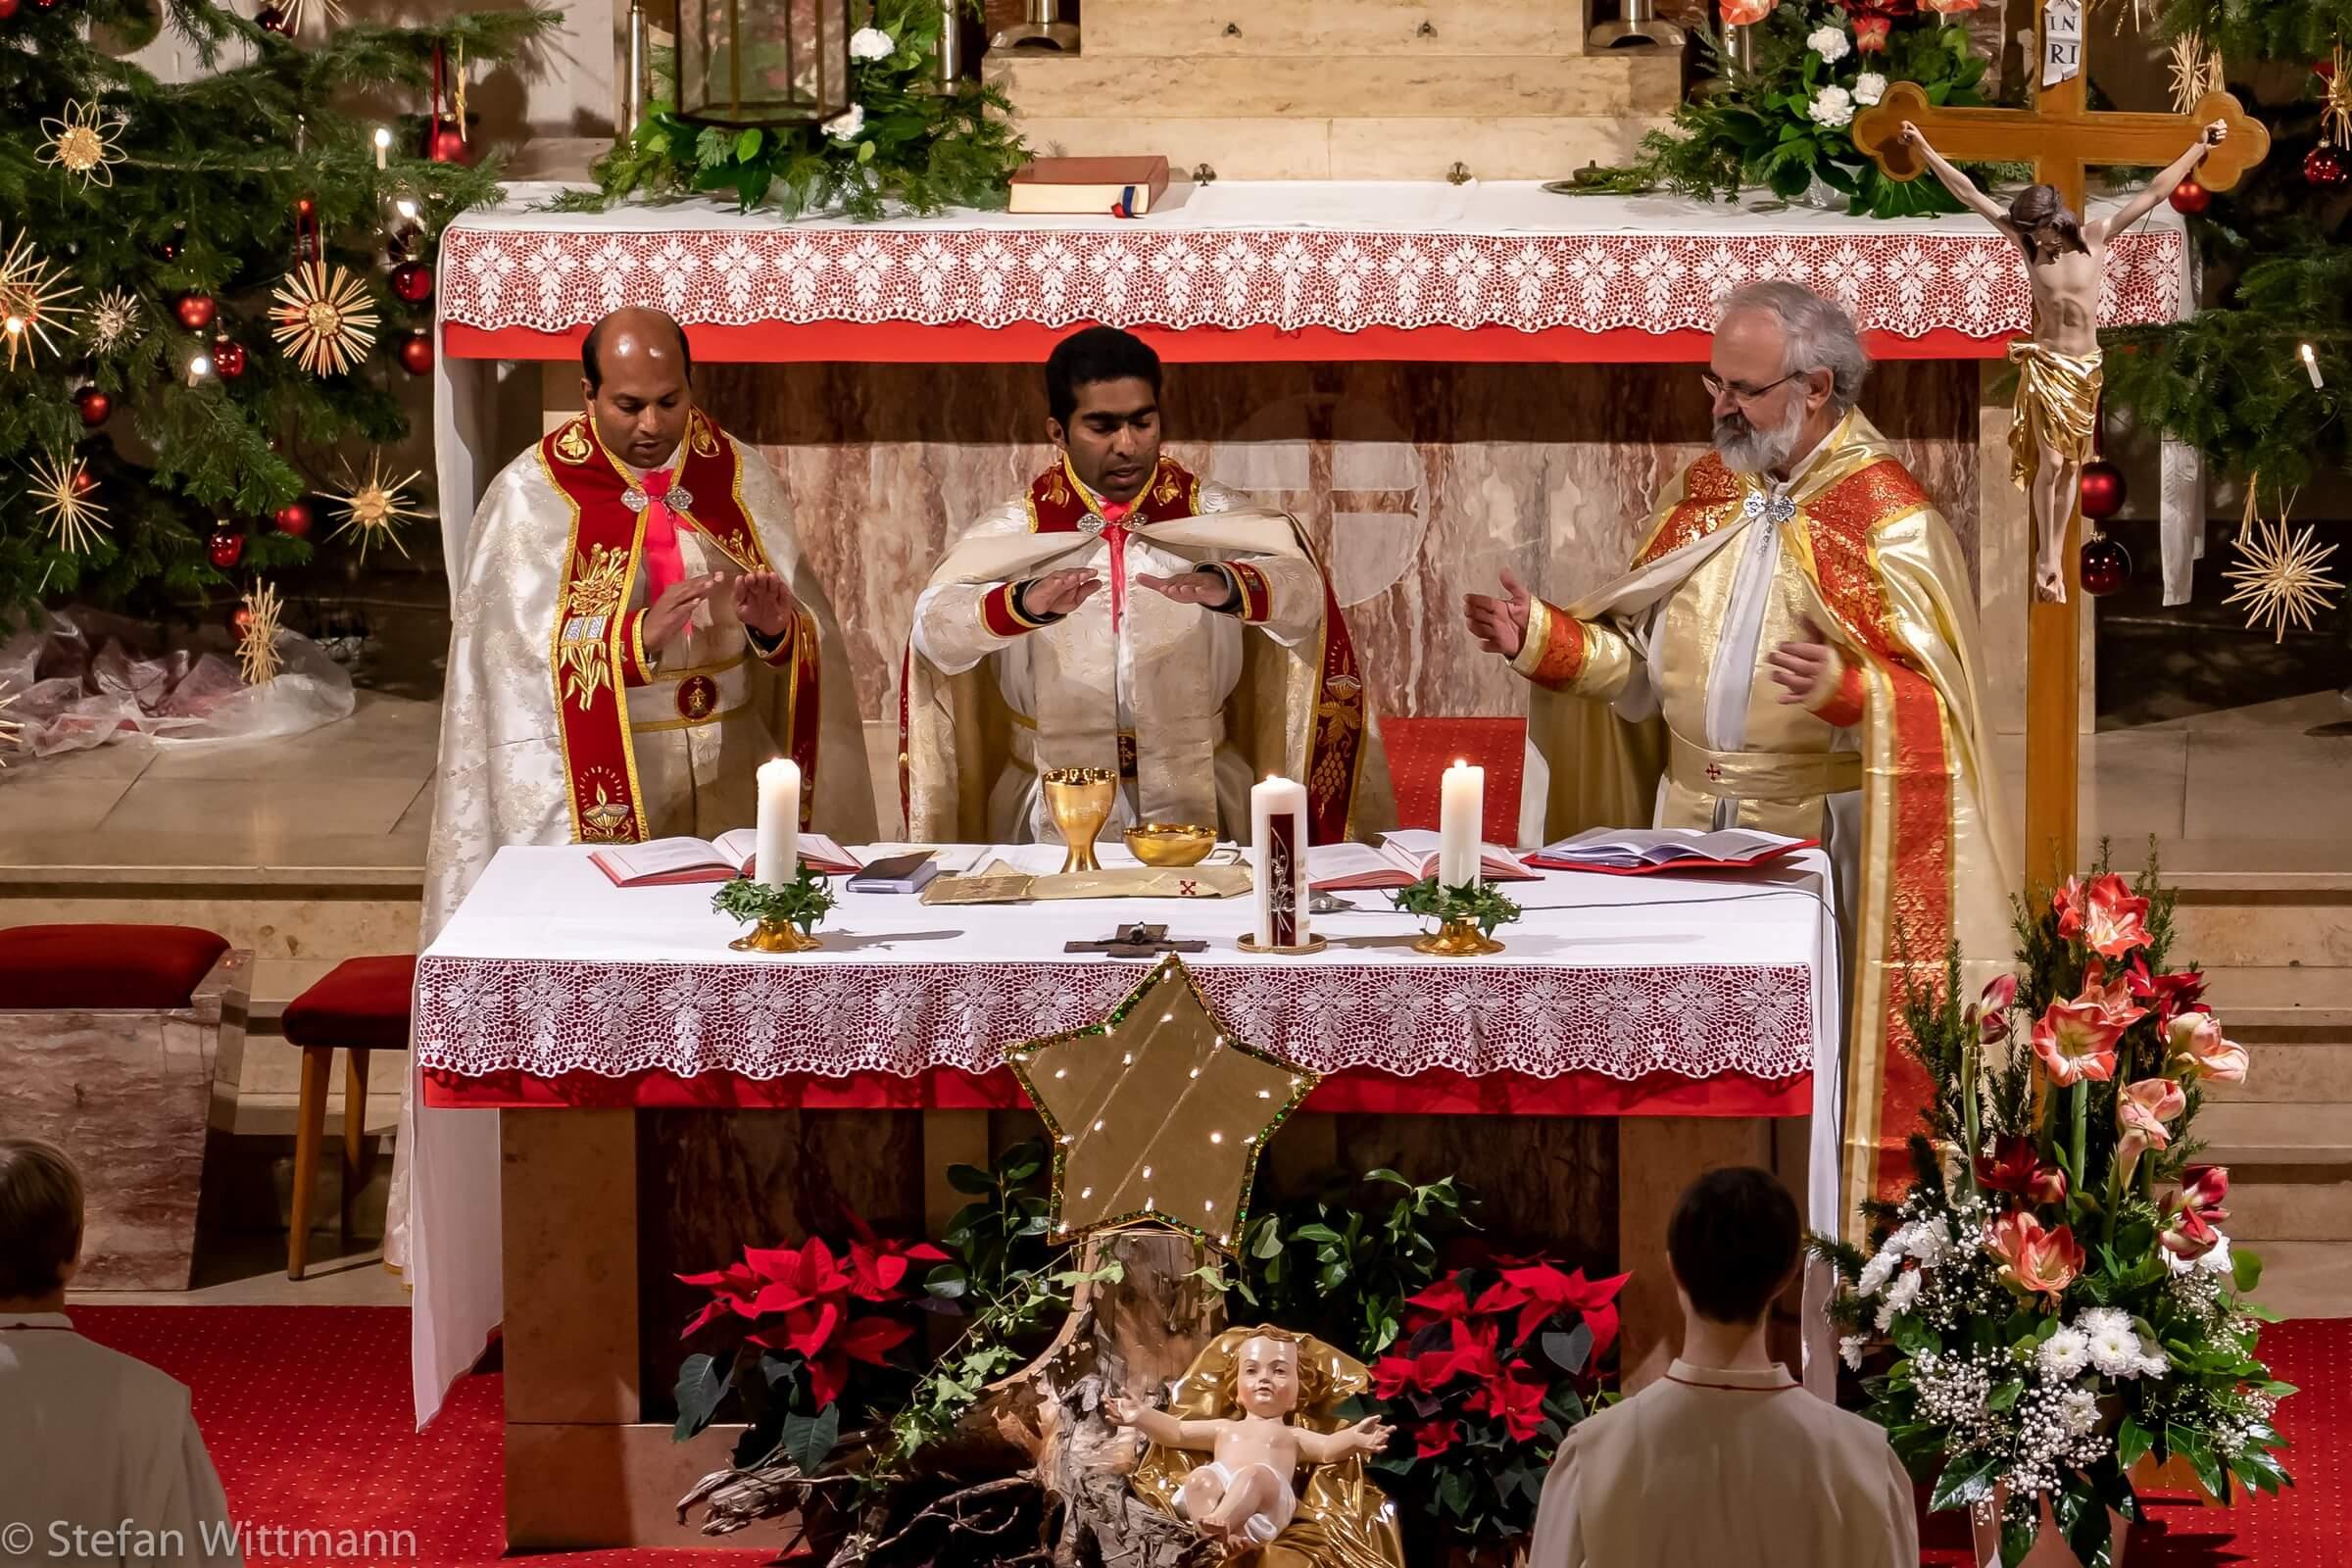 20181230-10 Jahre Priester Joseph - von Wittmann Stefan 20181230174624-DSC01916